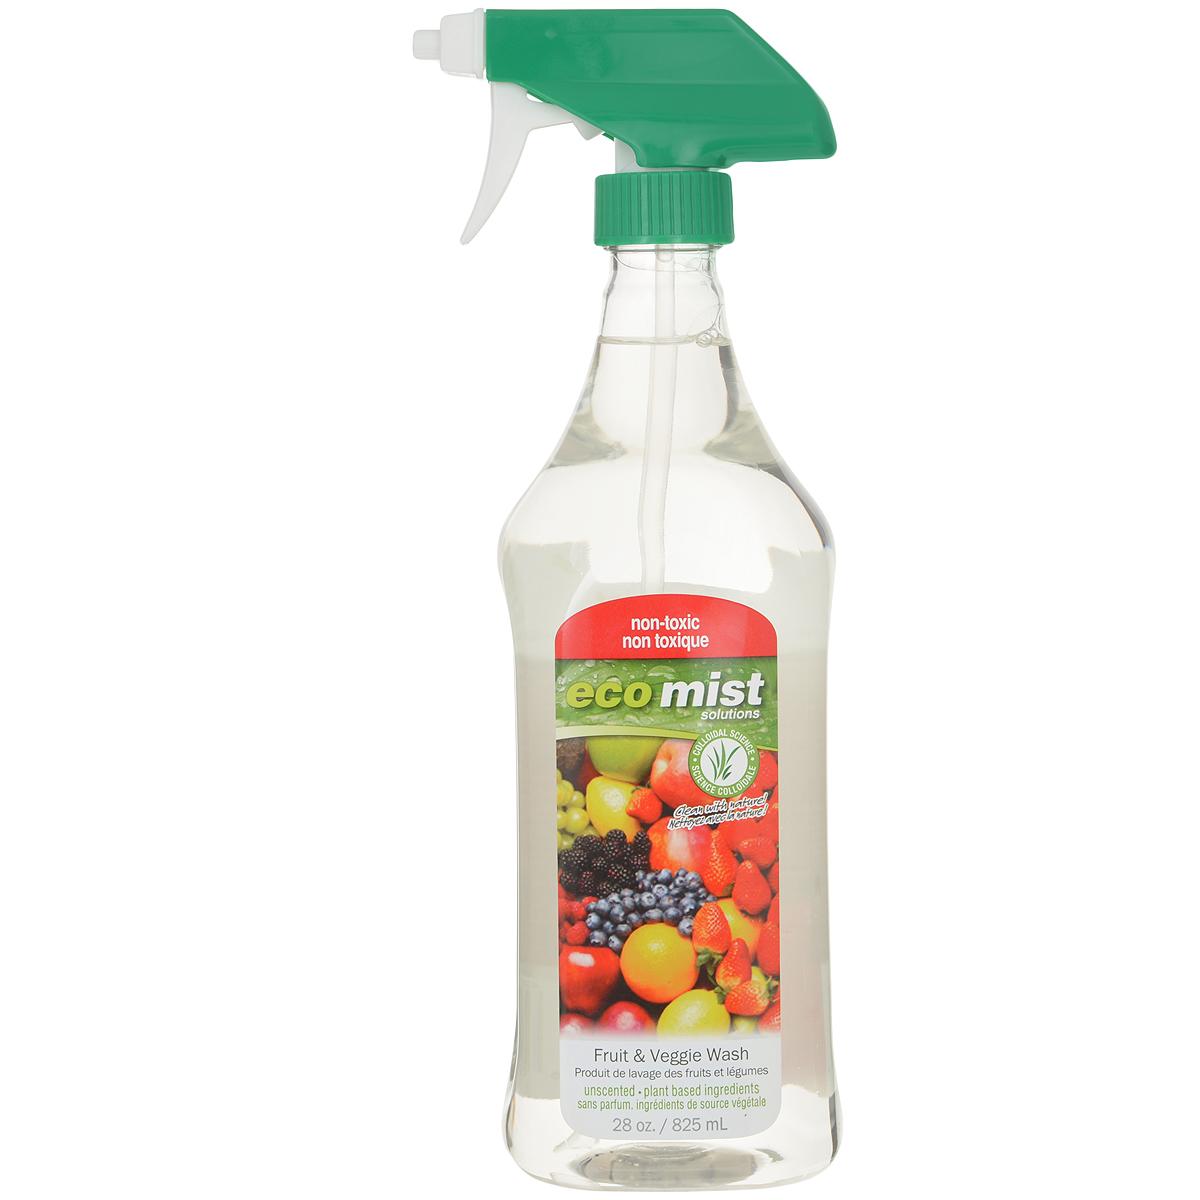 Средство для мытья фруктов и овощей Eco Mist, 825 мл68/5/2Уникальный спрей Eco Mist специально разработан для удаления пестицидов и других токсичных химикатов, воска, земли, удобрений, следов животных и насекомых, следов человеческого и животного происхождения с поверхности фруктов, овощей и корнеплодов. Безопасно. Нетоксично. Рекомендуется обрабатывать фрукты и овощи детям, беременным женщинам, людям страдающим аллергическими заболеваниями.Состав: дехлорированная вода, коричное масло, экстракт бурых водорослей, масло жожоба, экстракт кукурузы.